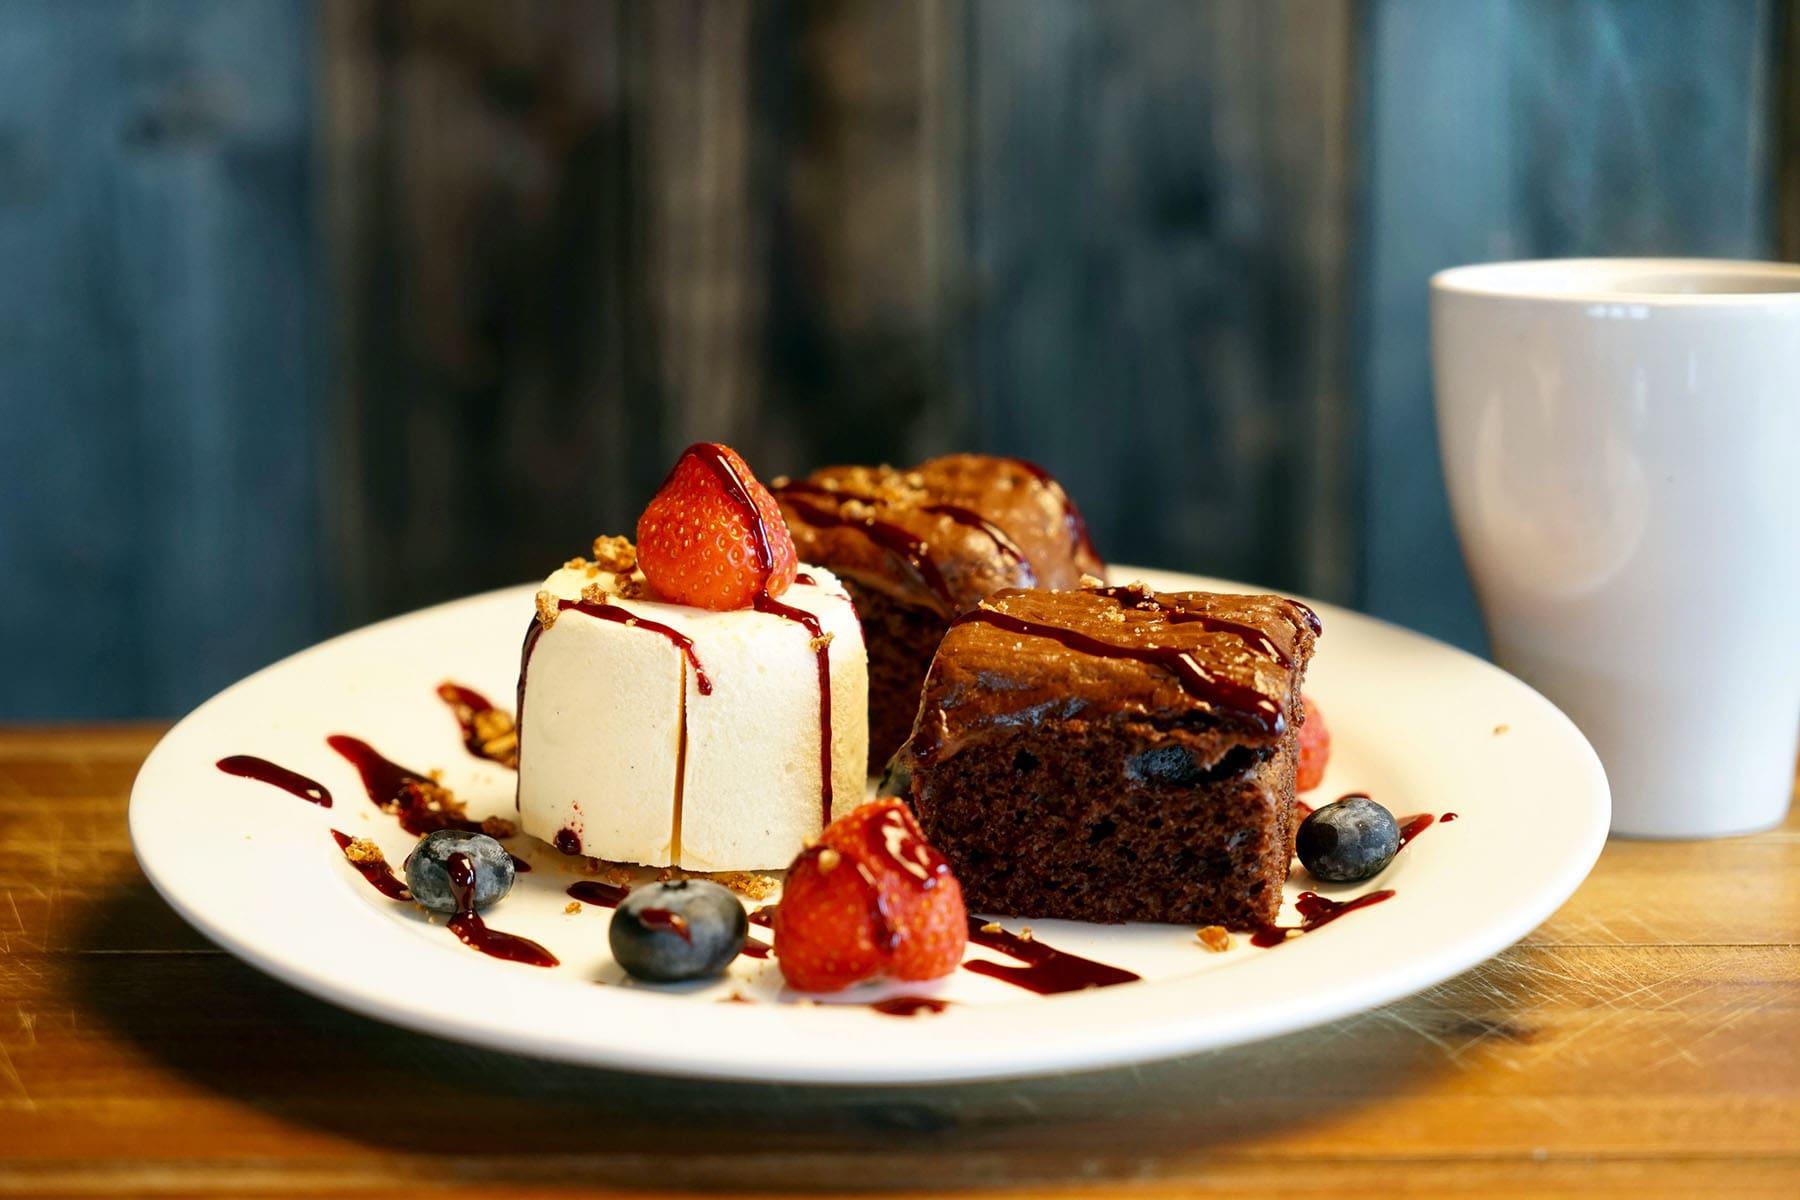 laaven-bar-dessert-DSC05118_1800x1200-min